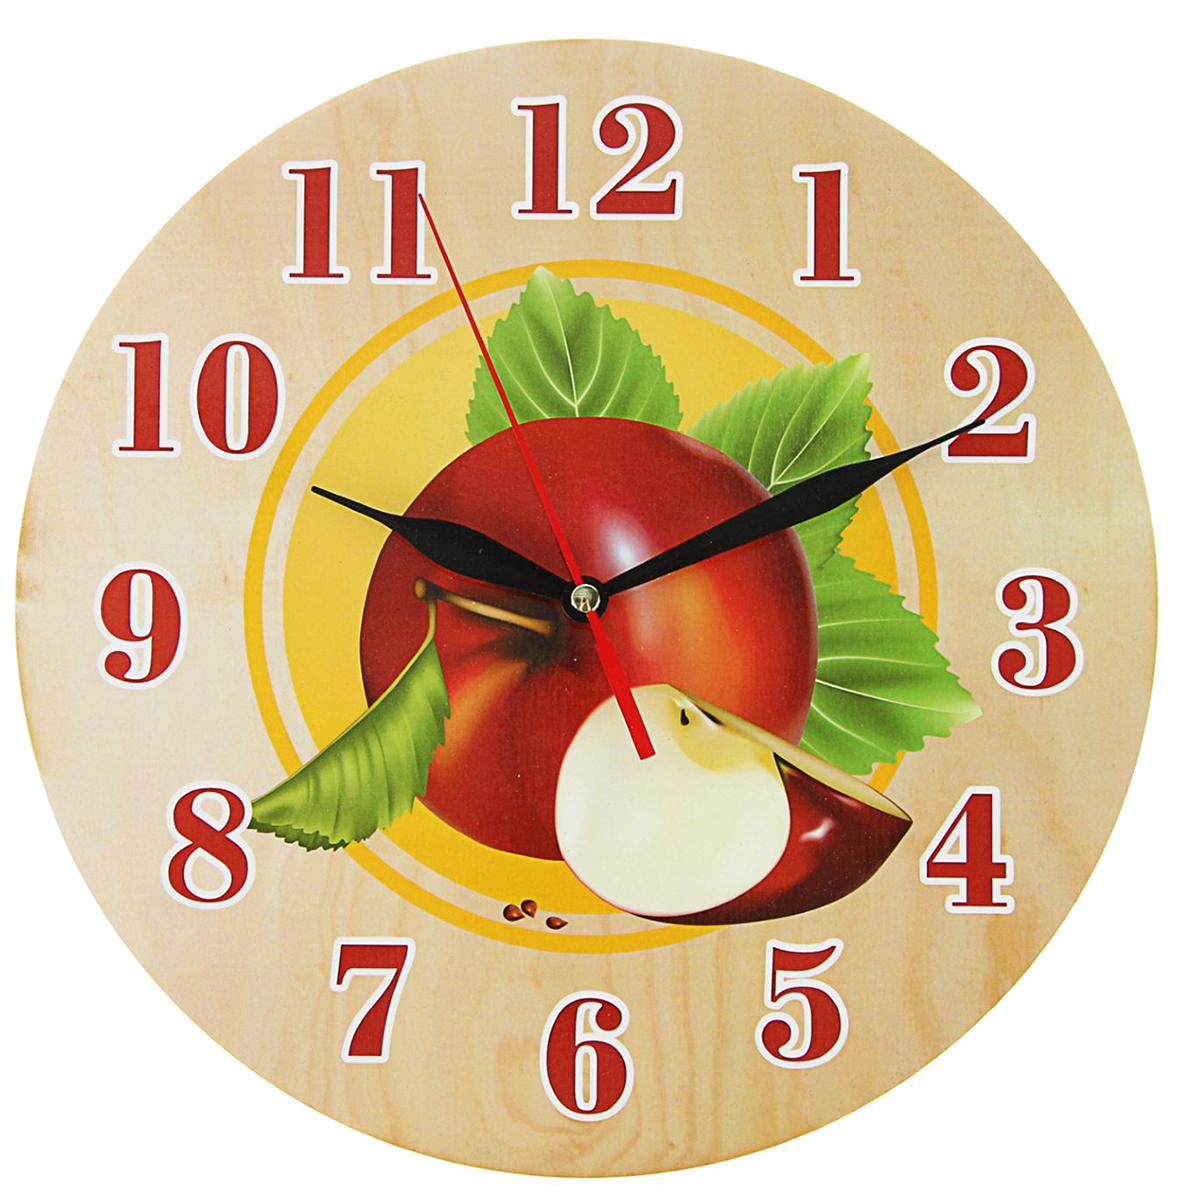 Часы настенные Красное яблоко, диаметр 25 см2497889— сувенир в полном смысле этого слова. И главная его задача — хранить воспоминание о месте, где вы побывали, или о том человеке, который подарил данный предмет. Преподнесите эту вещь своему другу, и она станет достойным украшением его дома. Каждому хозяину периодически приходит мысль обновить свою квартиру, сделать ремонт, перестановку или кардинально поменять внешний вид каждой комнаты. — привлекательная деталь, которая поможет воплотить вашу интерьерную идею, создать неповторимую атмосферу в вашем доме. Окружите себя приятными мелочами, пусть они радуют глаз и дарят гармонию.Часы Красное яблоко круглые, O 25 см 2497889